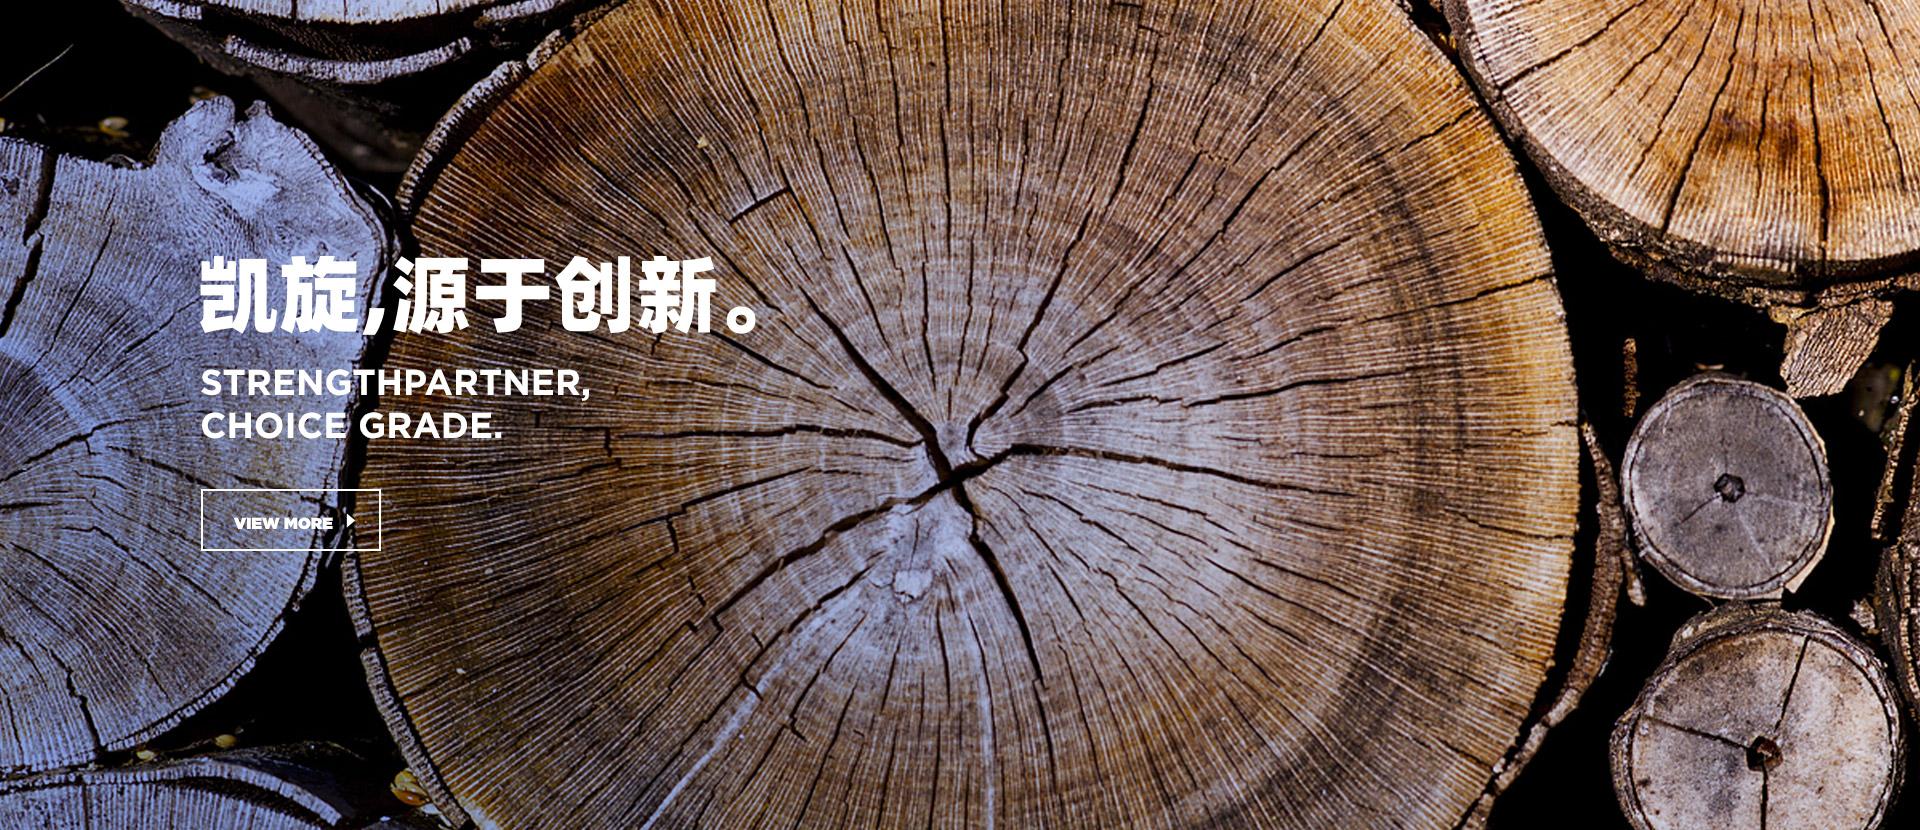 重組木,染色木皮,科技木廠家,科技木,家具皮,科技木皮,裝飾木皮